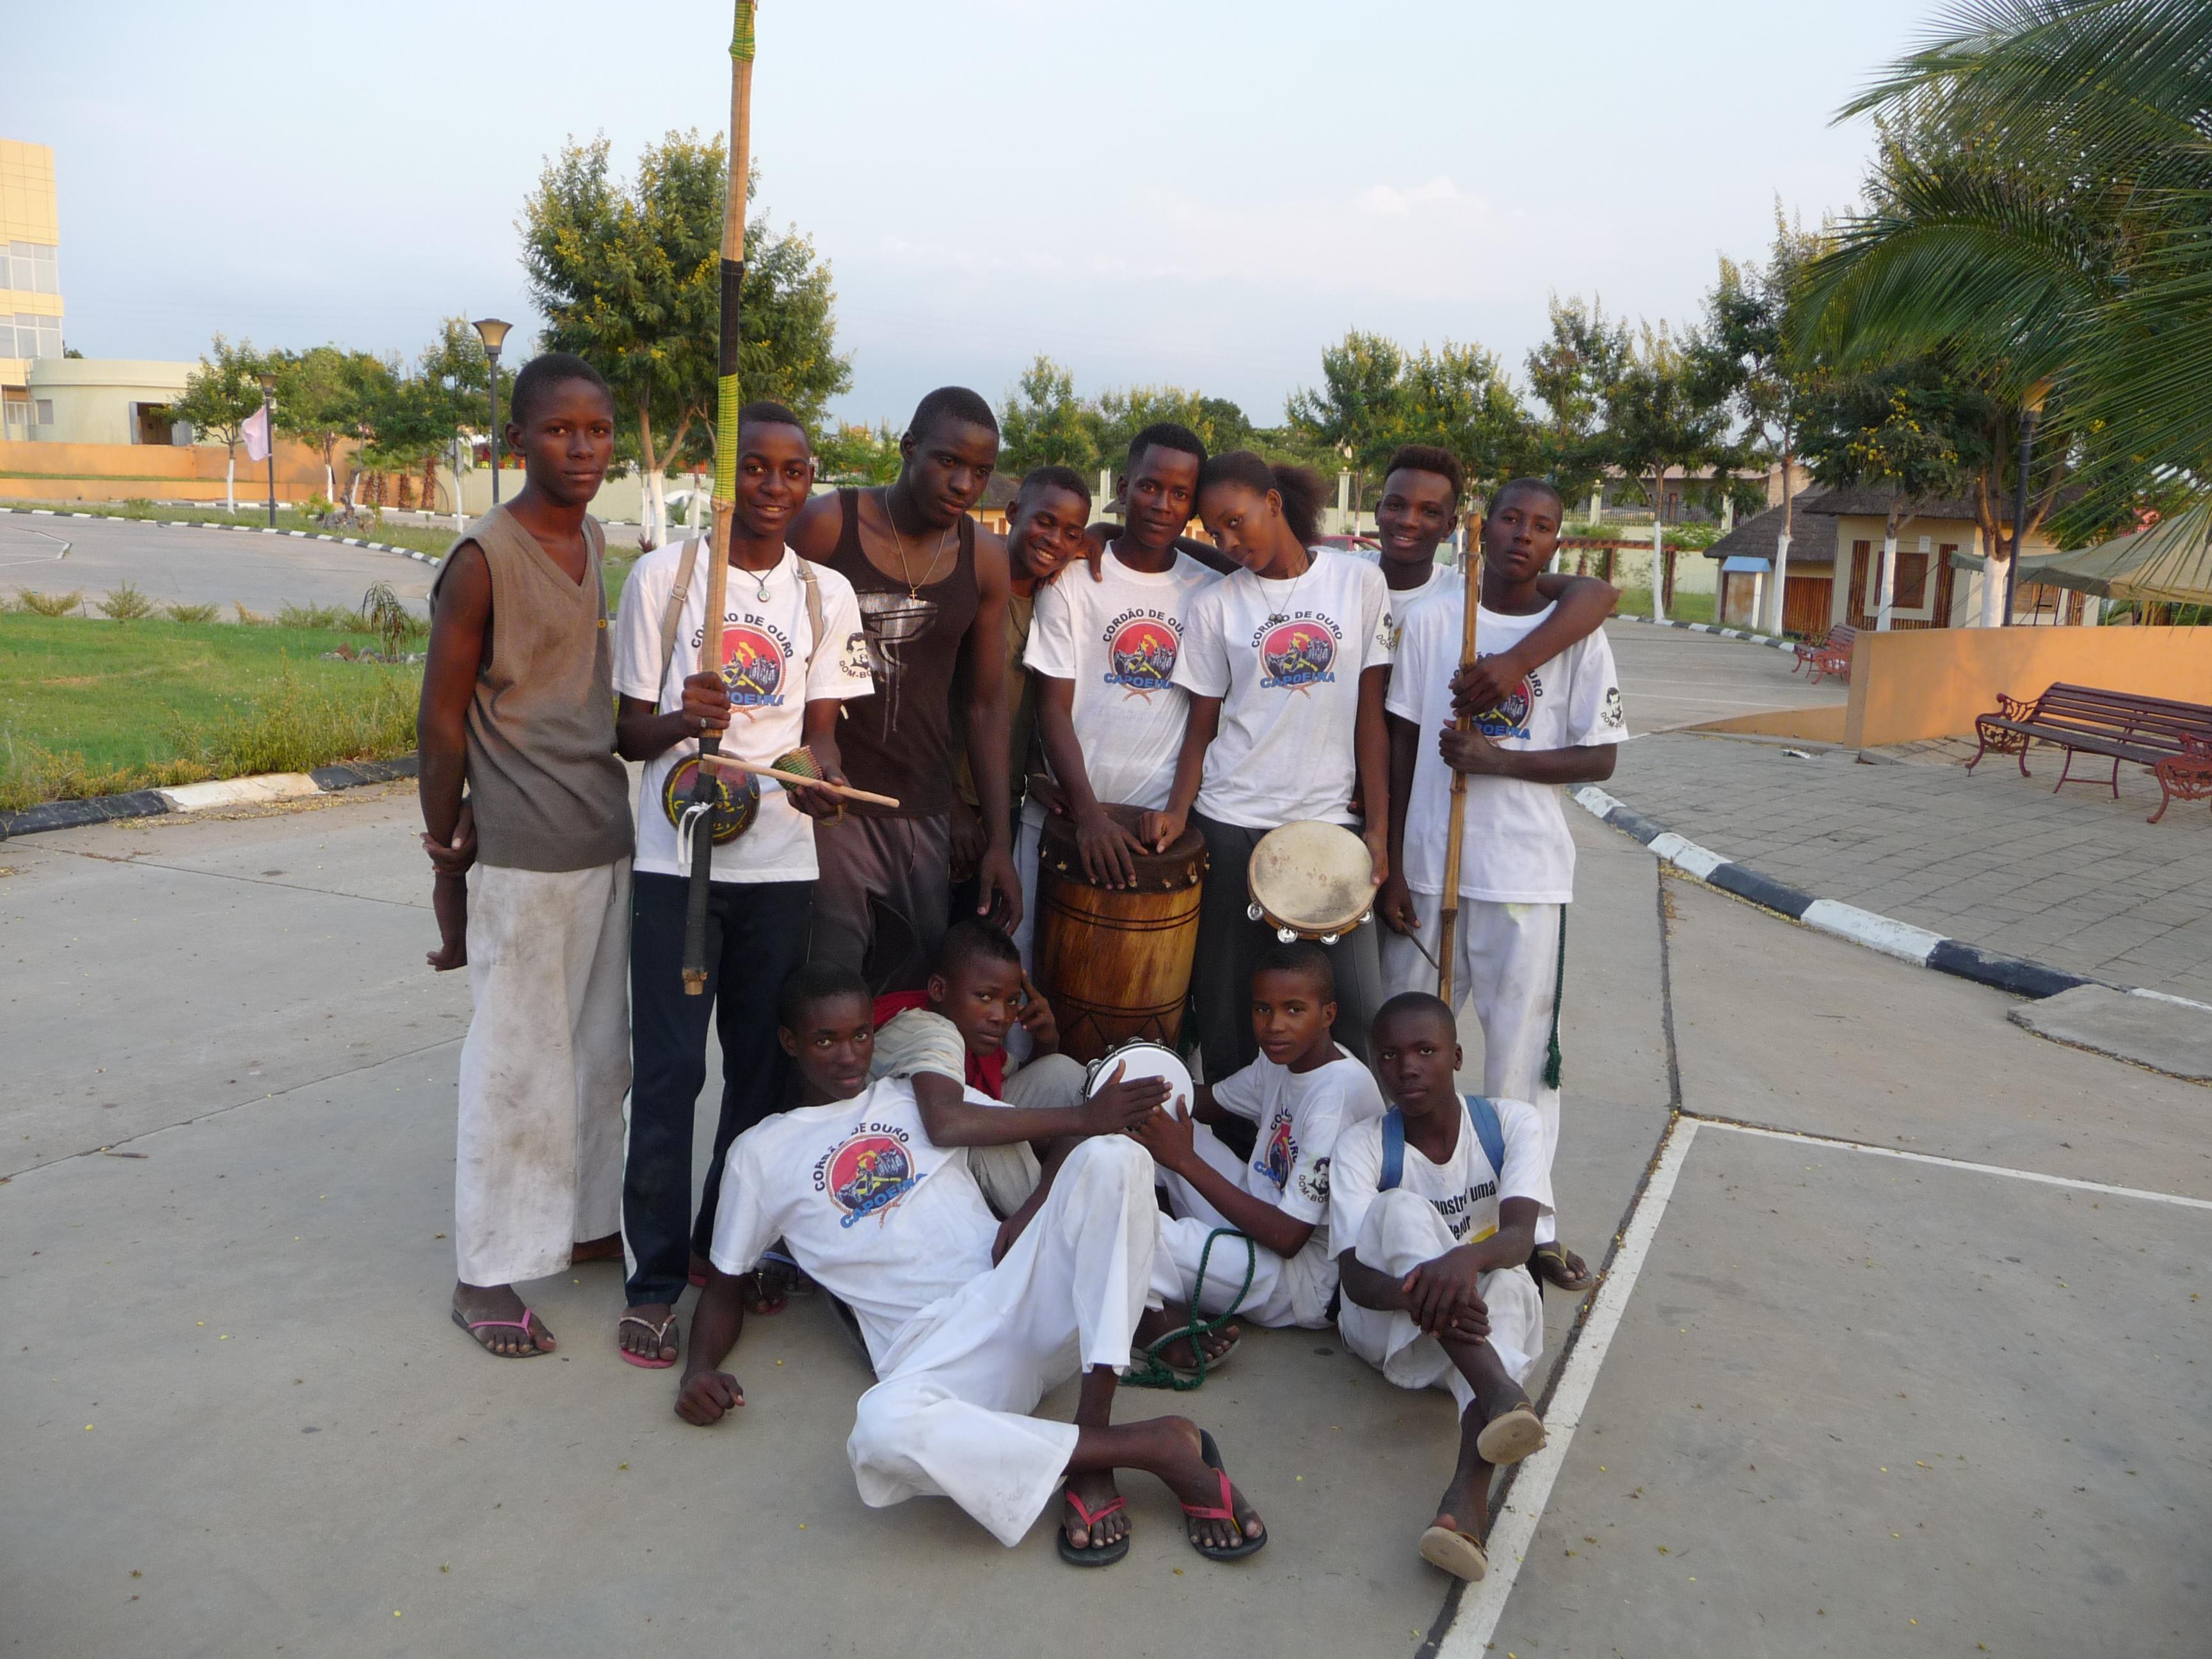 gruppo di ragazzi capoeira